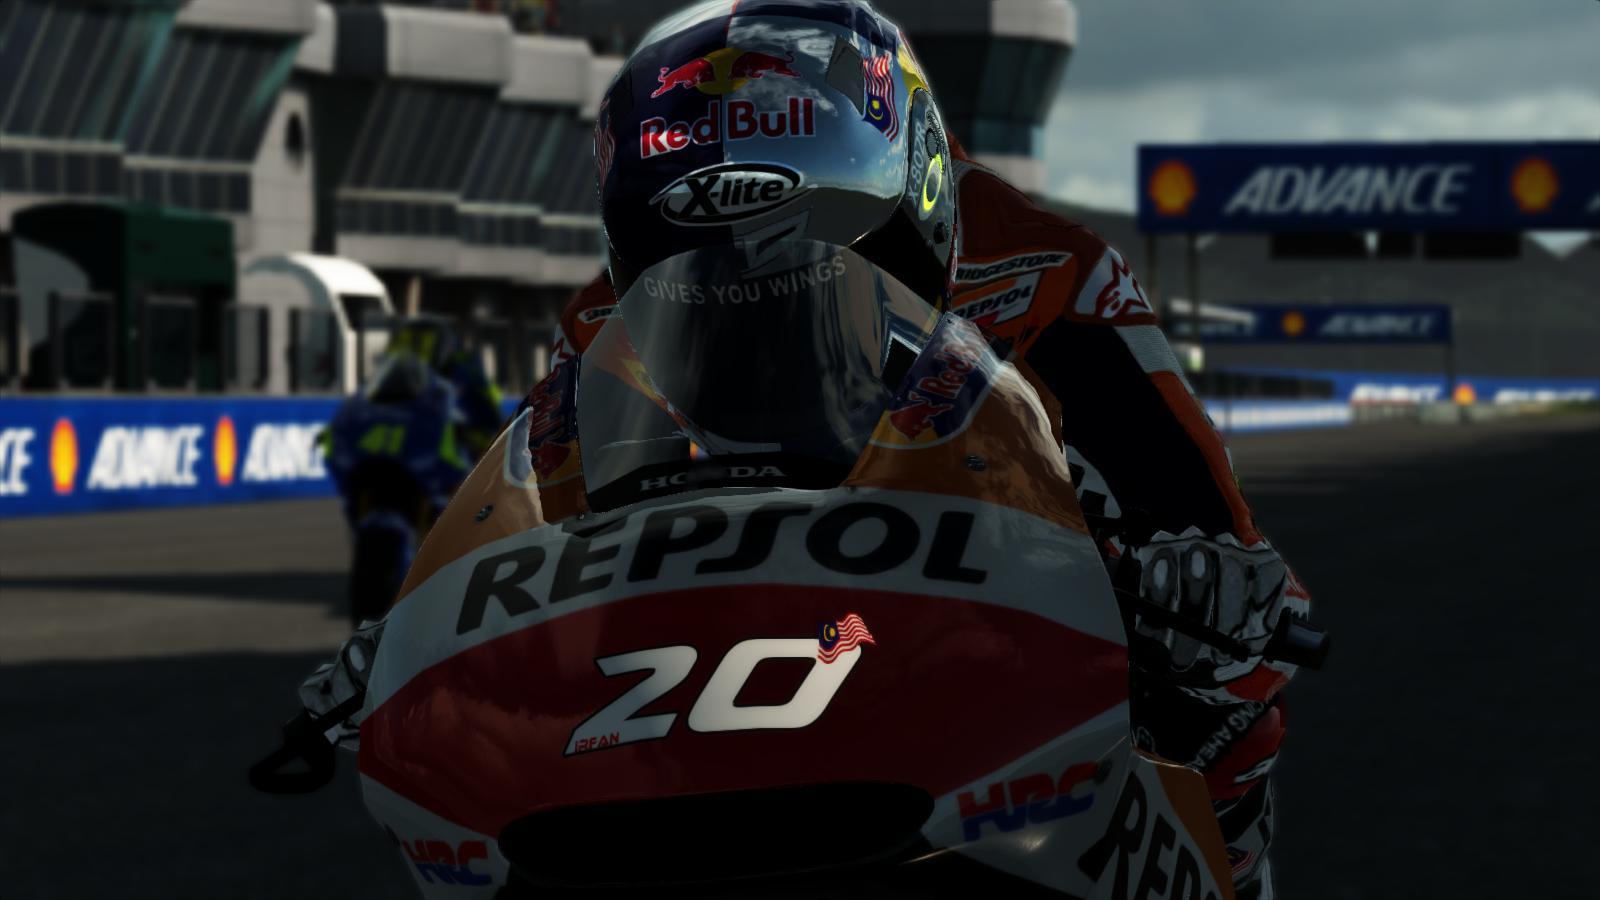 MotoGP14 2014-12-31 14-59-10-15.jpg